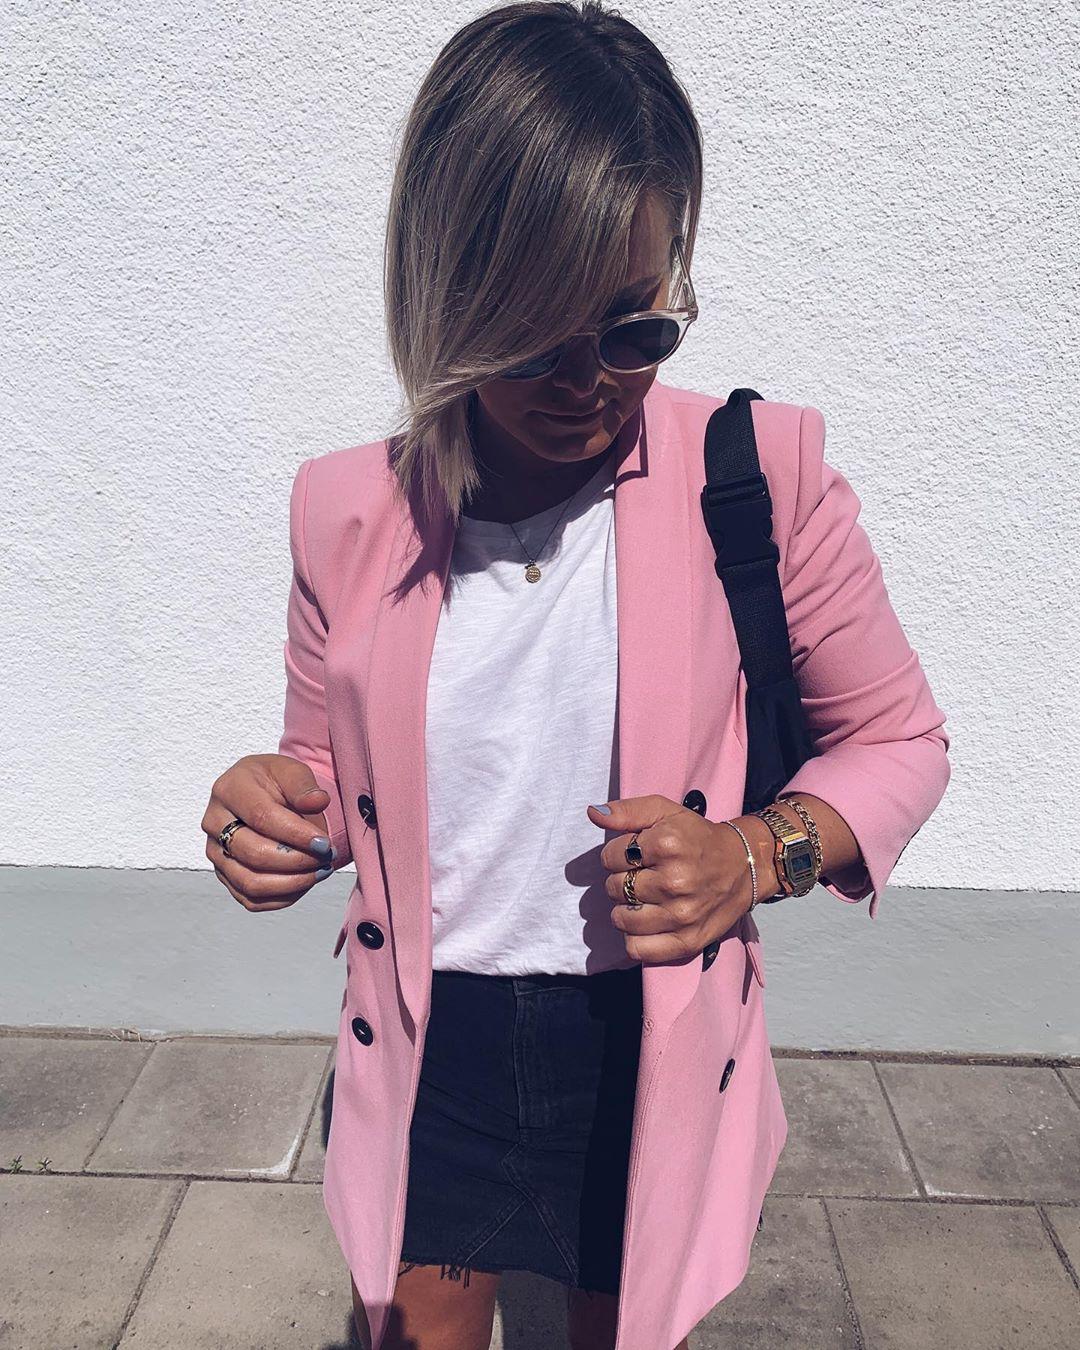 crossover breasted jacket de Zara sur myfashionkingdom